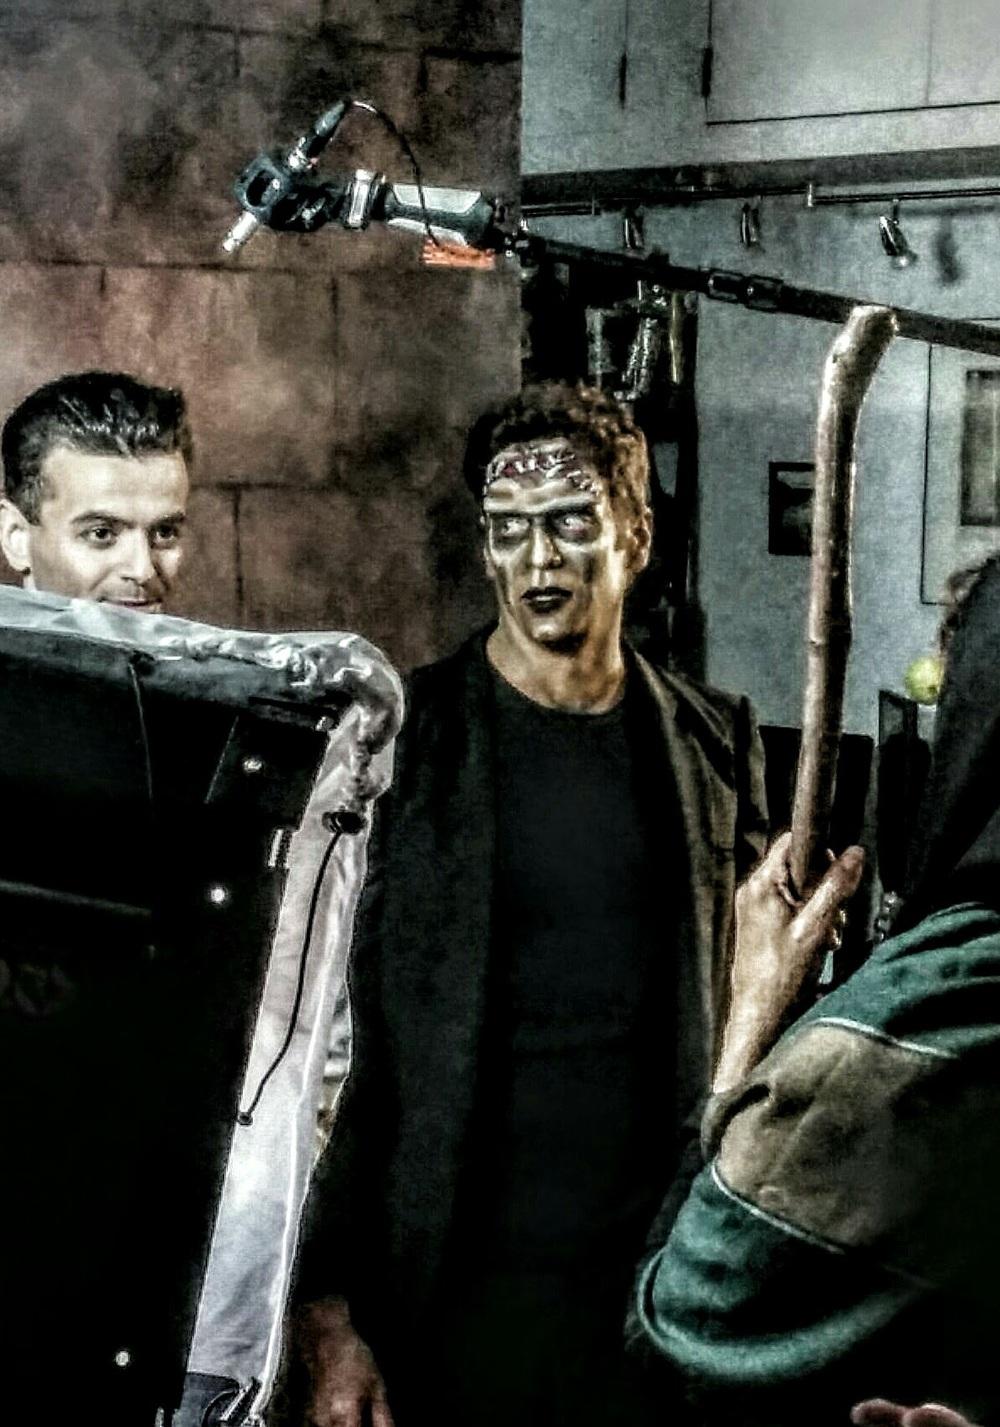 wpf behind the scenes on set castle 2.jpg